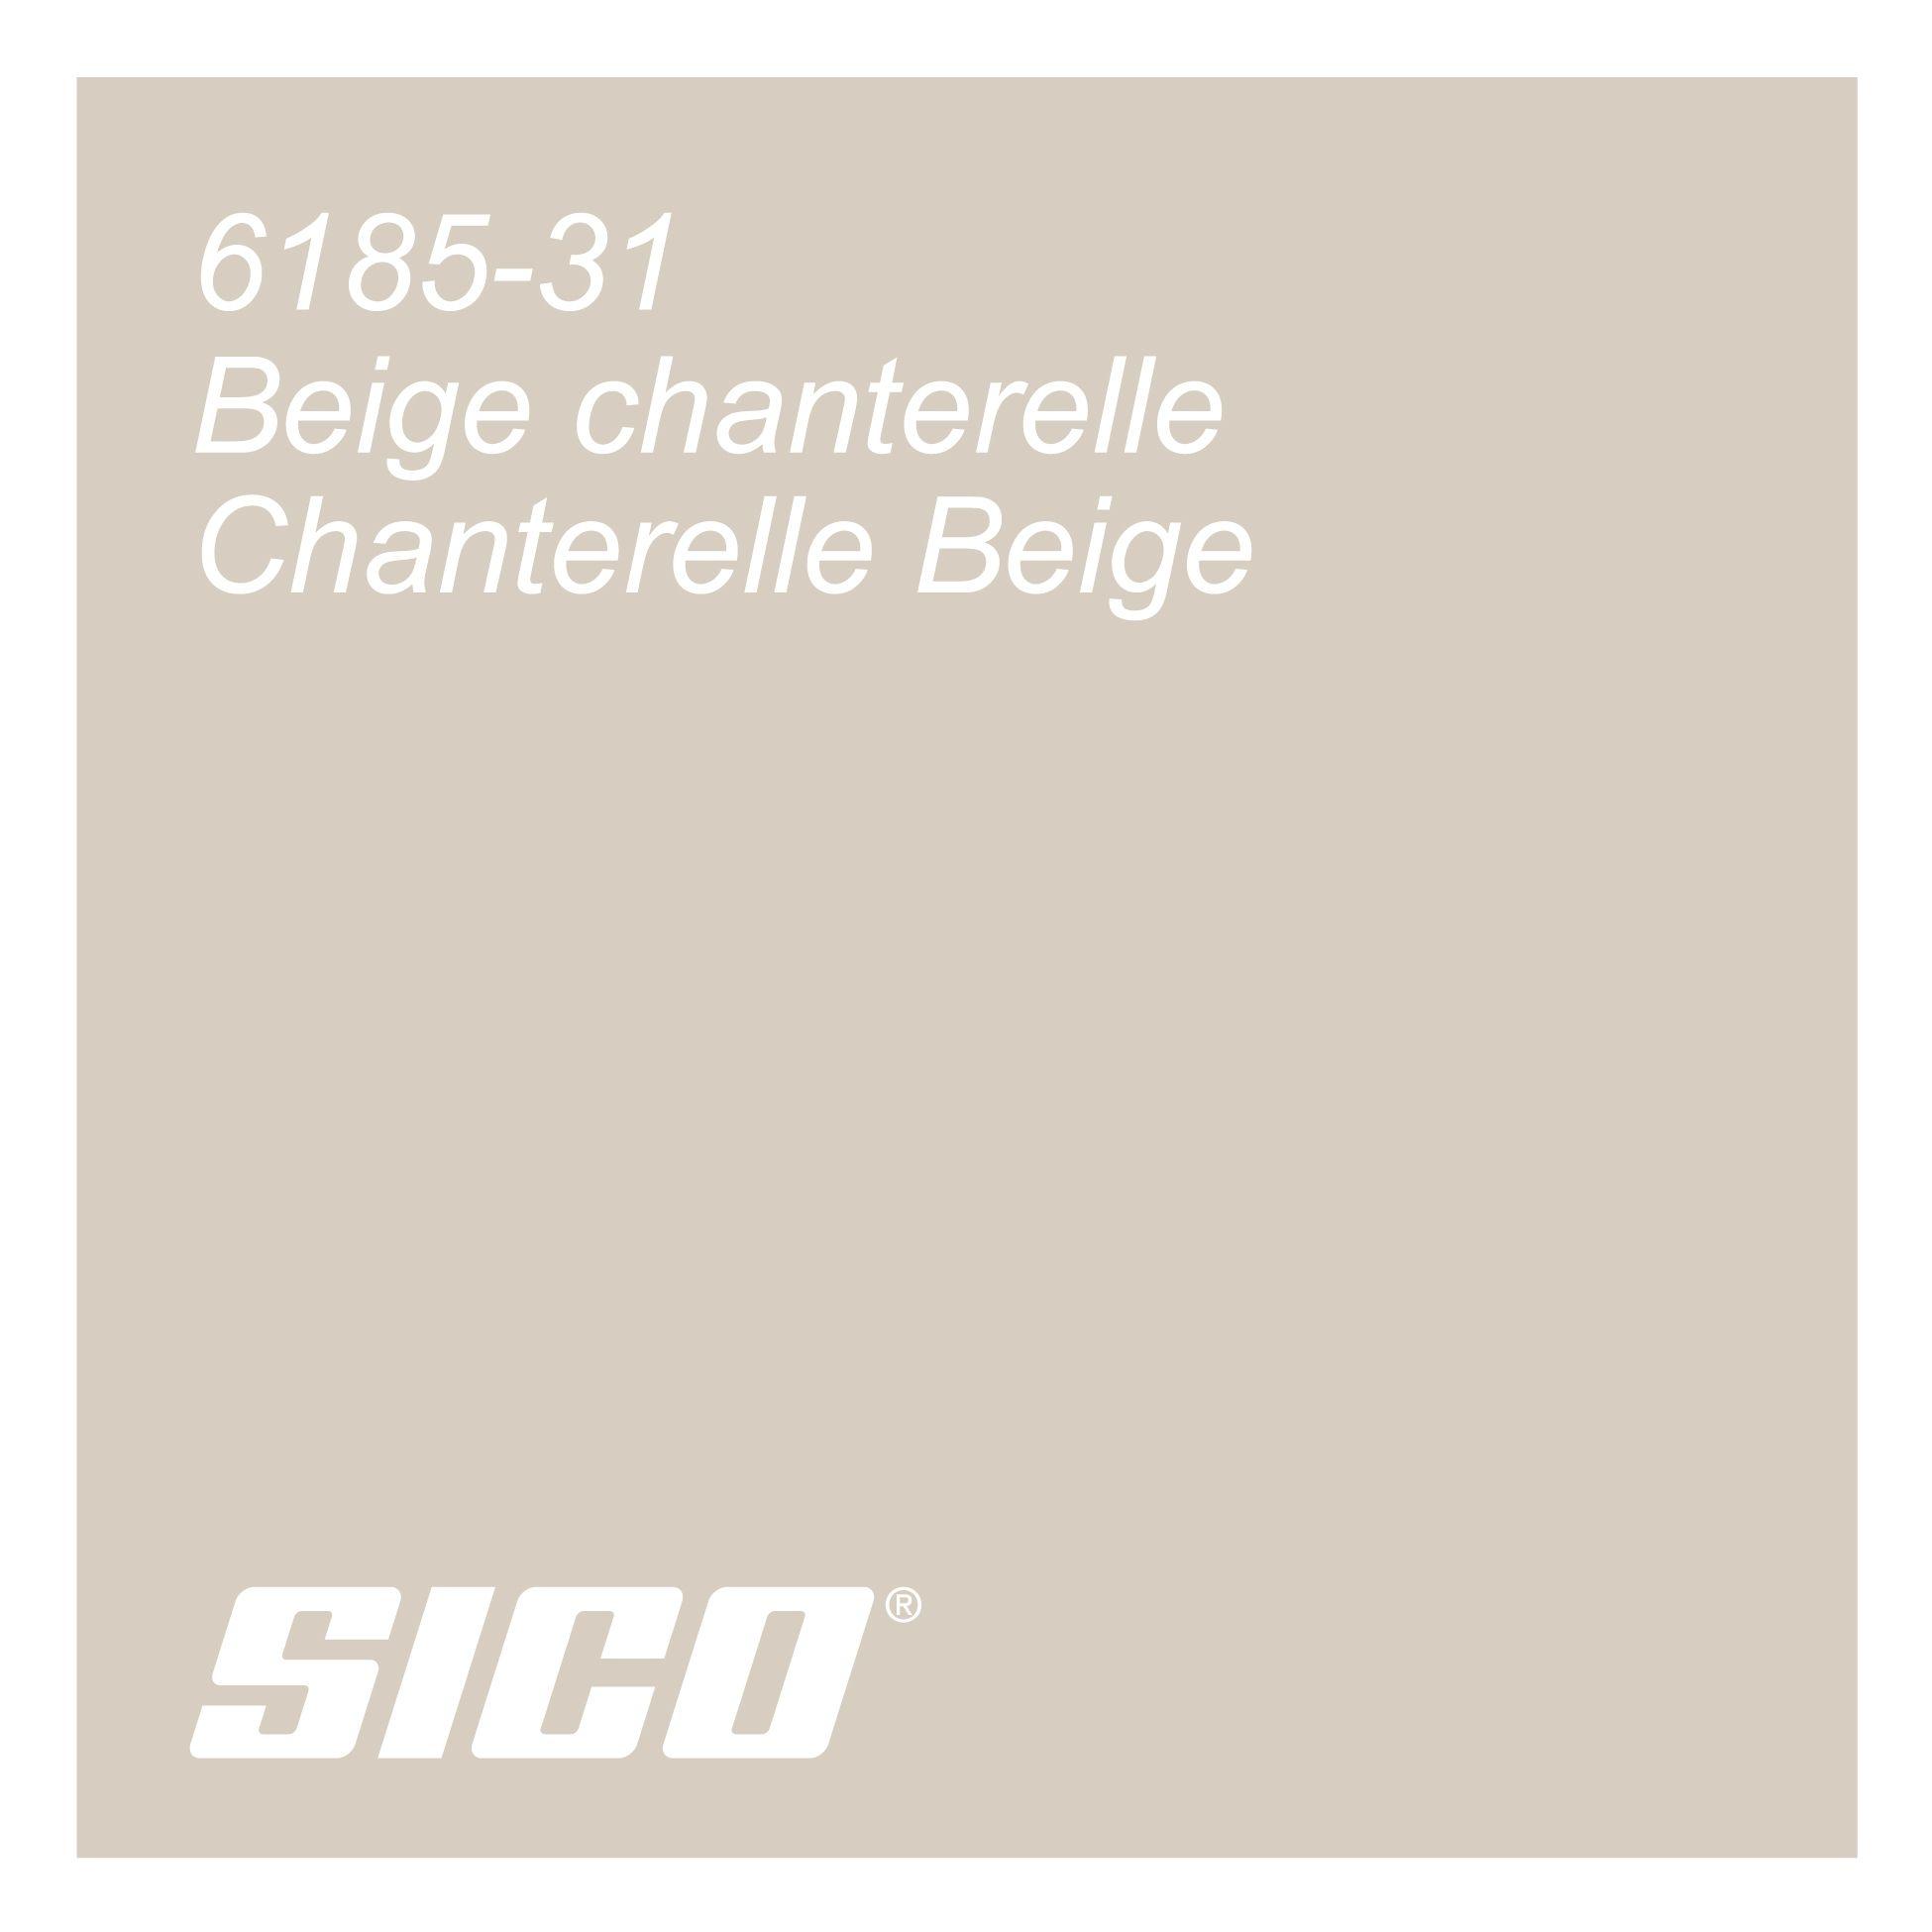 chanterelle beige paint coloursico paints | beige chanterelle